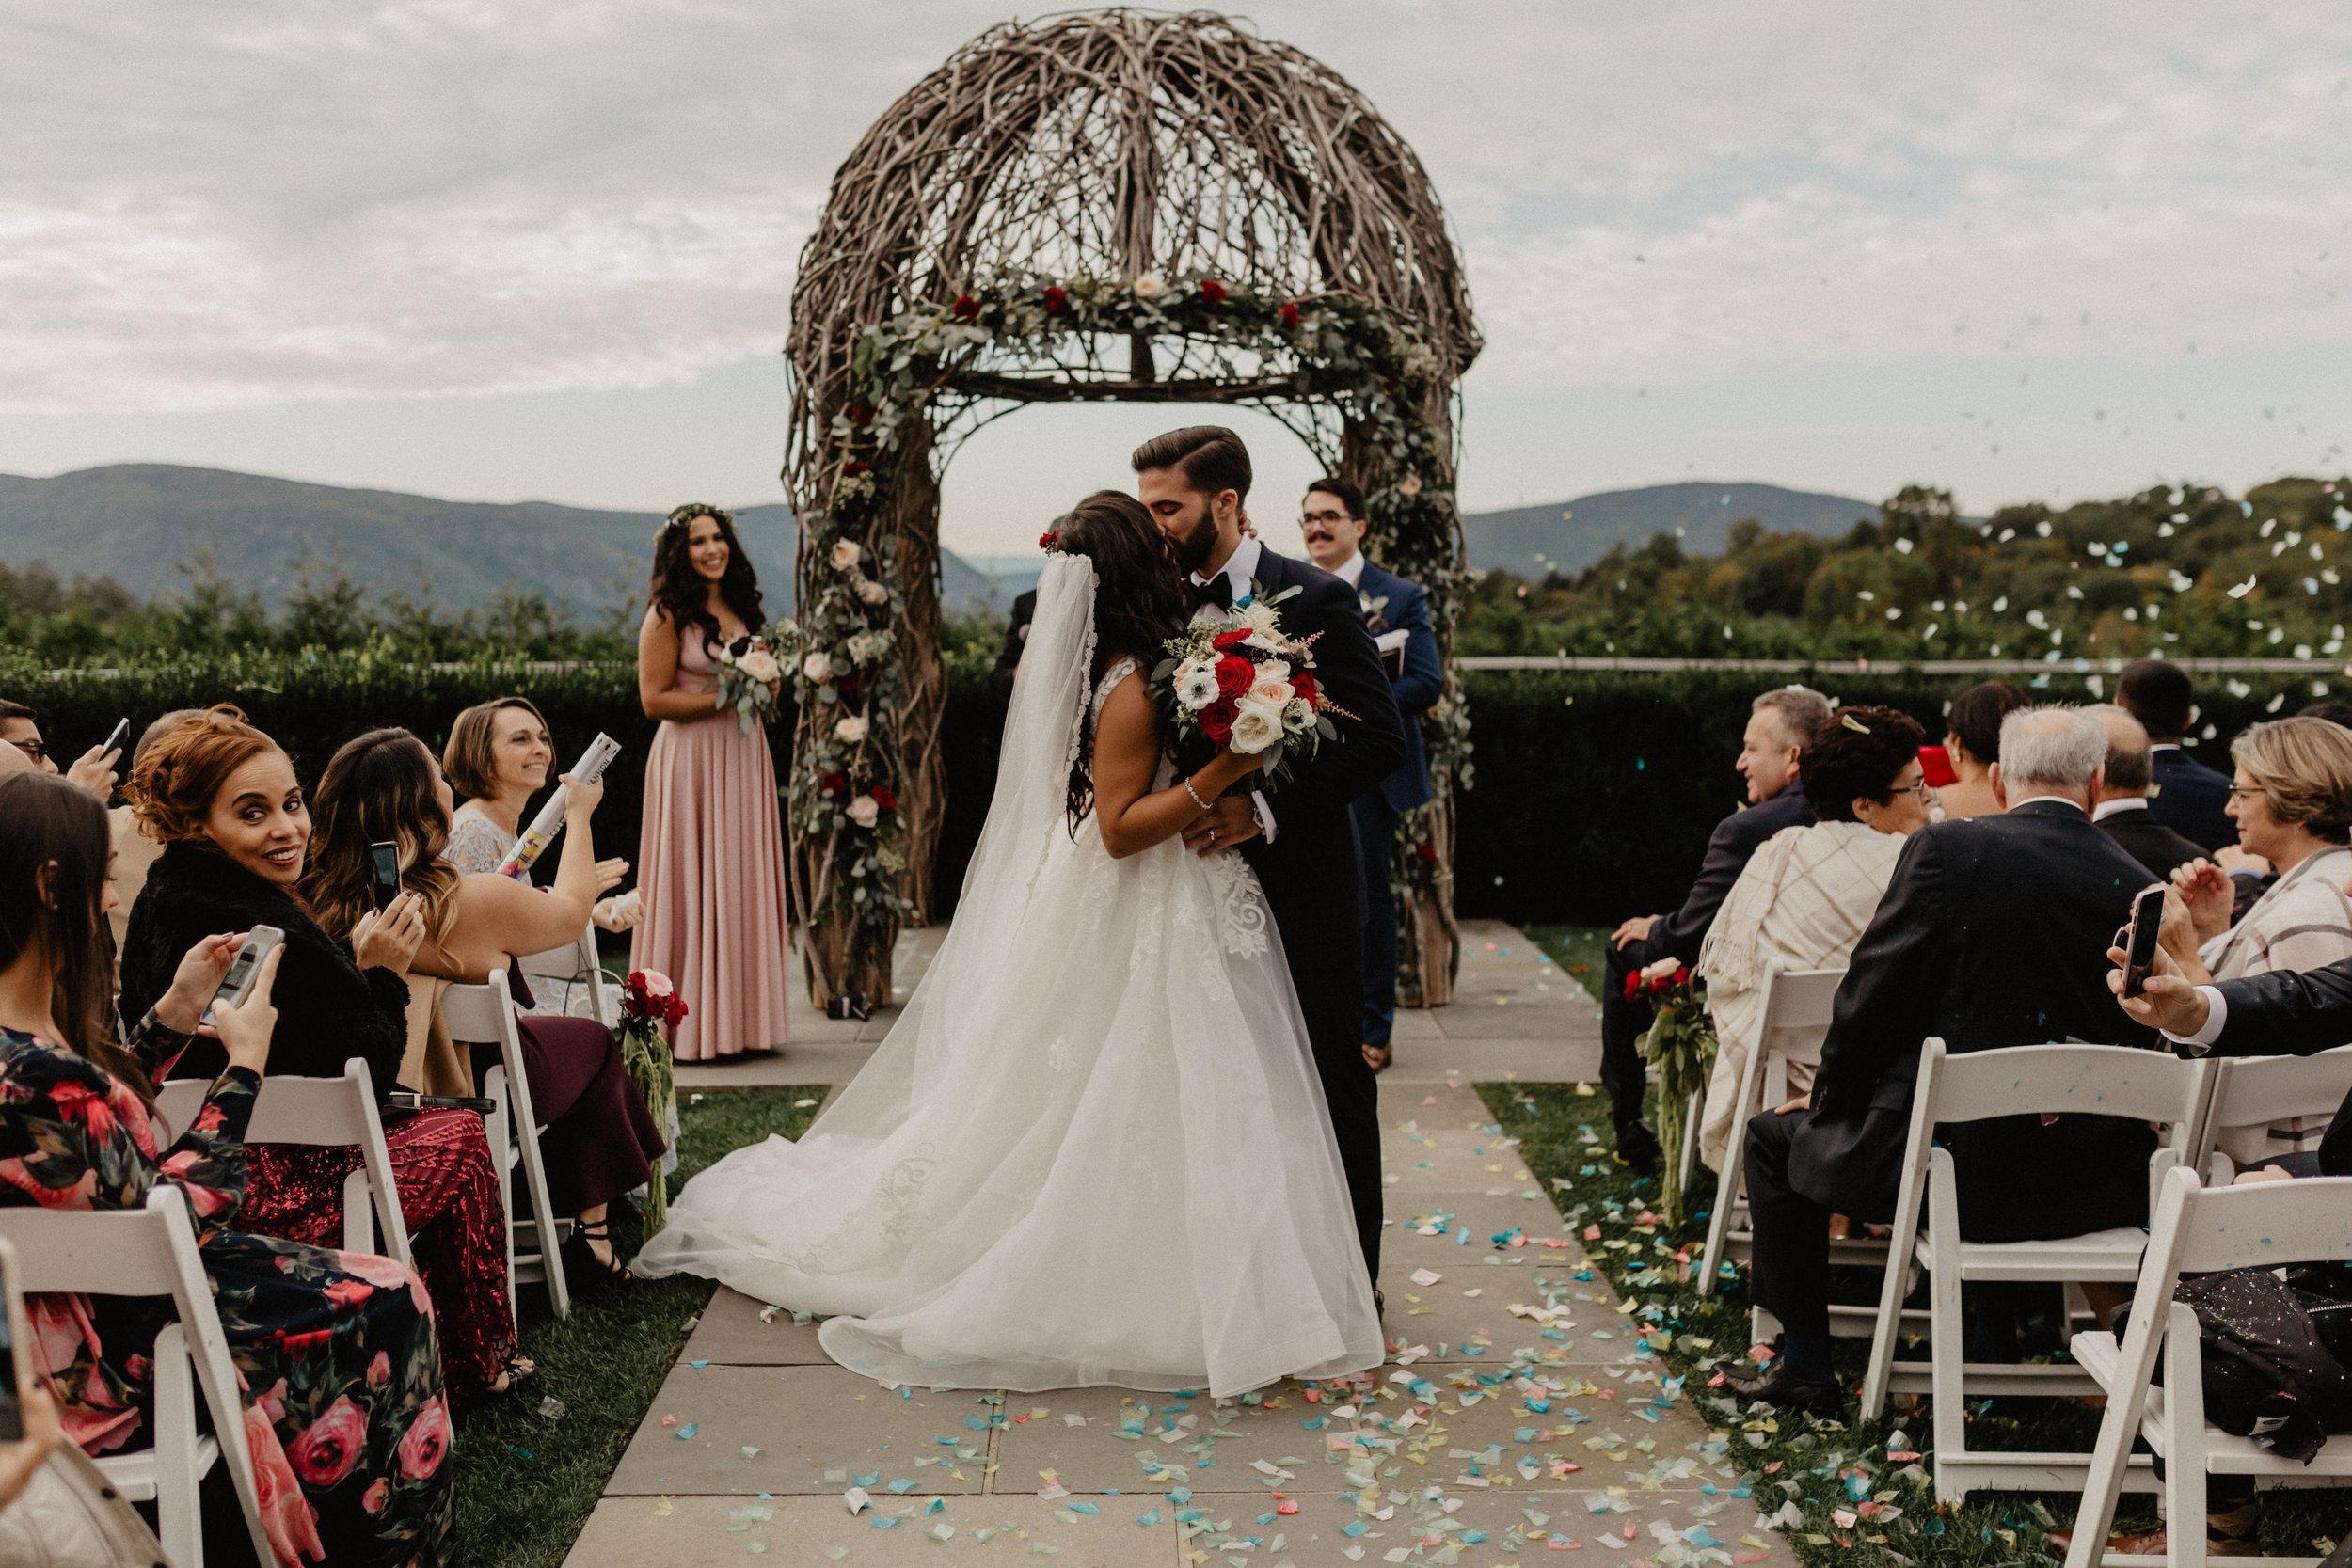 garrison_wedding_photos_061.jpg